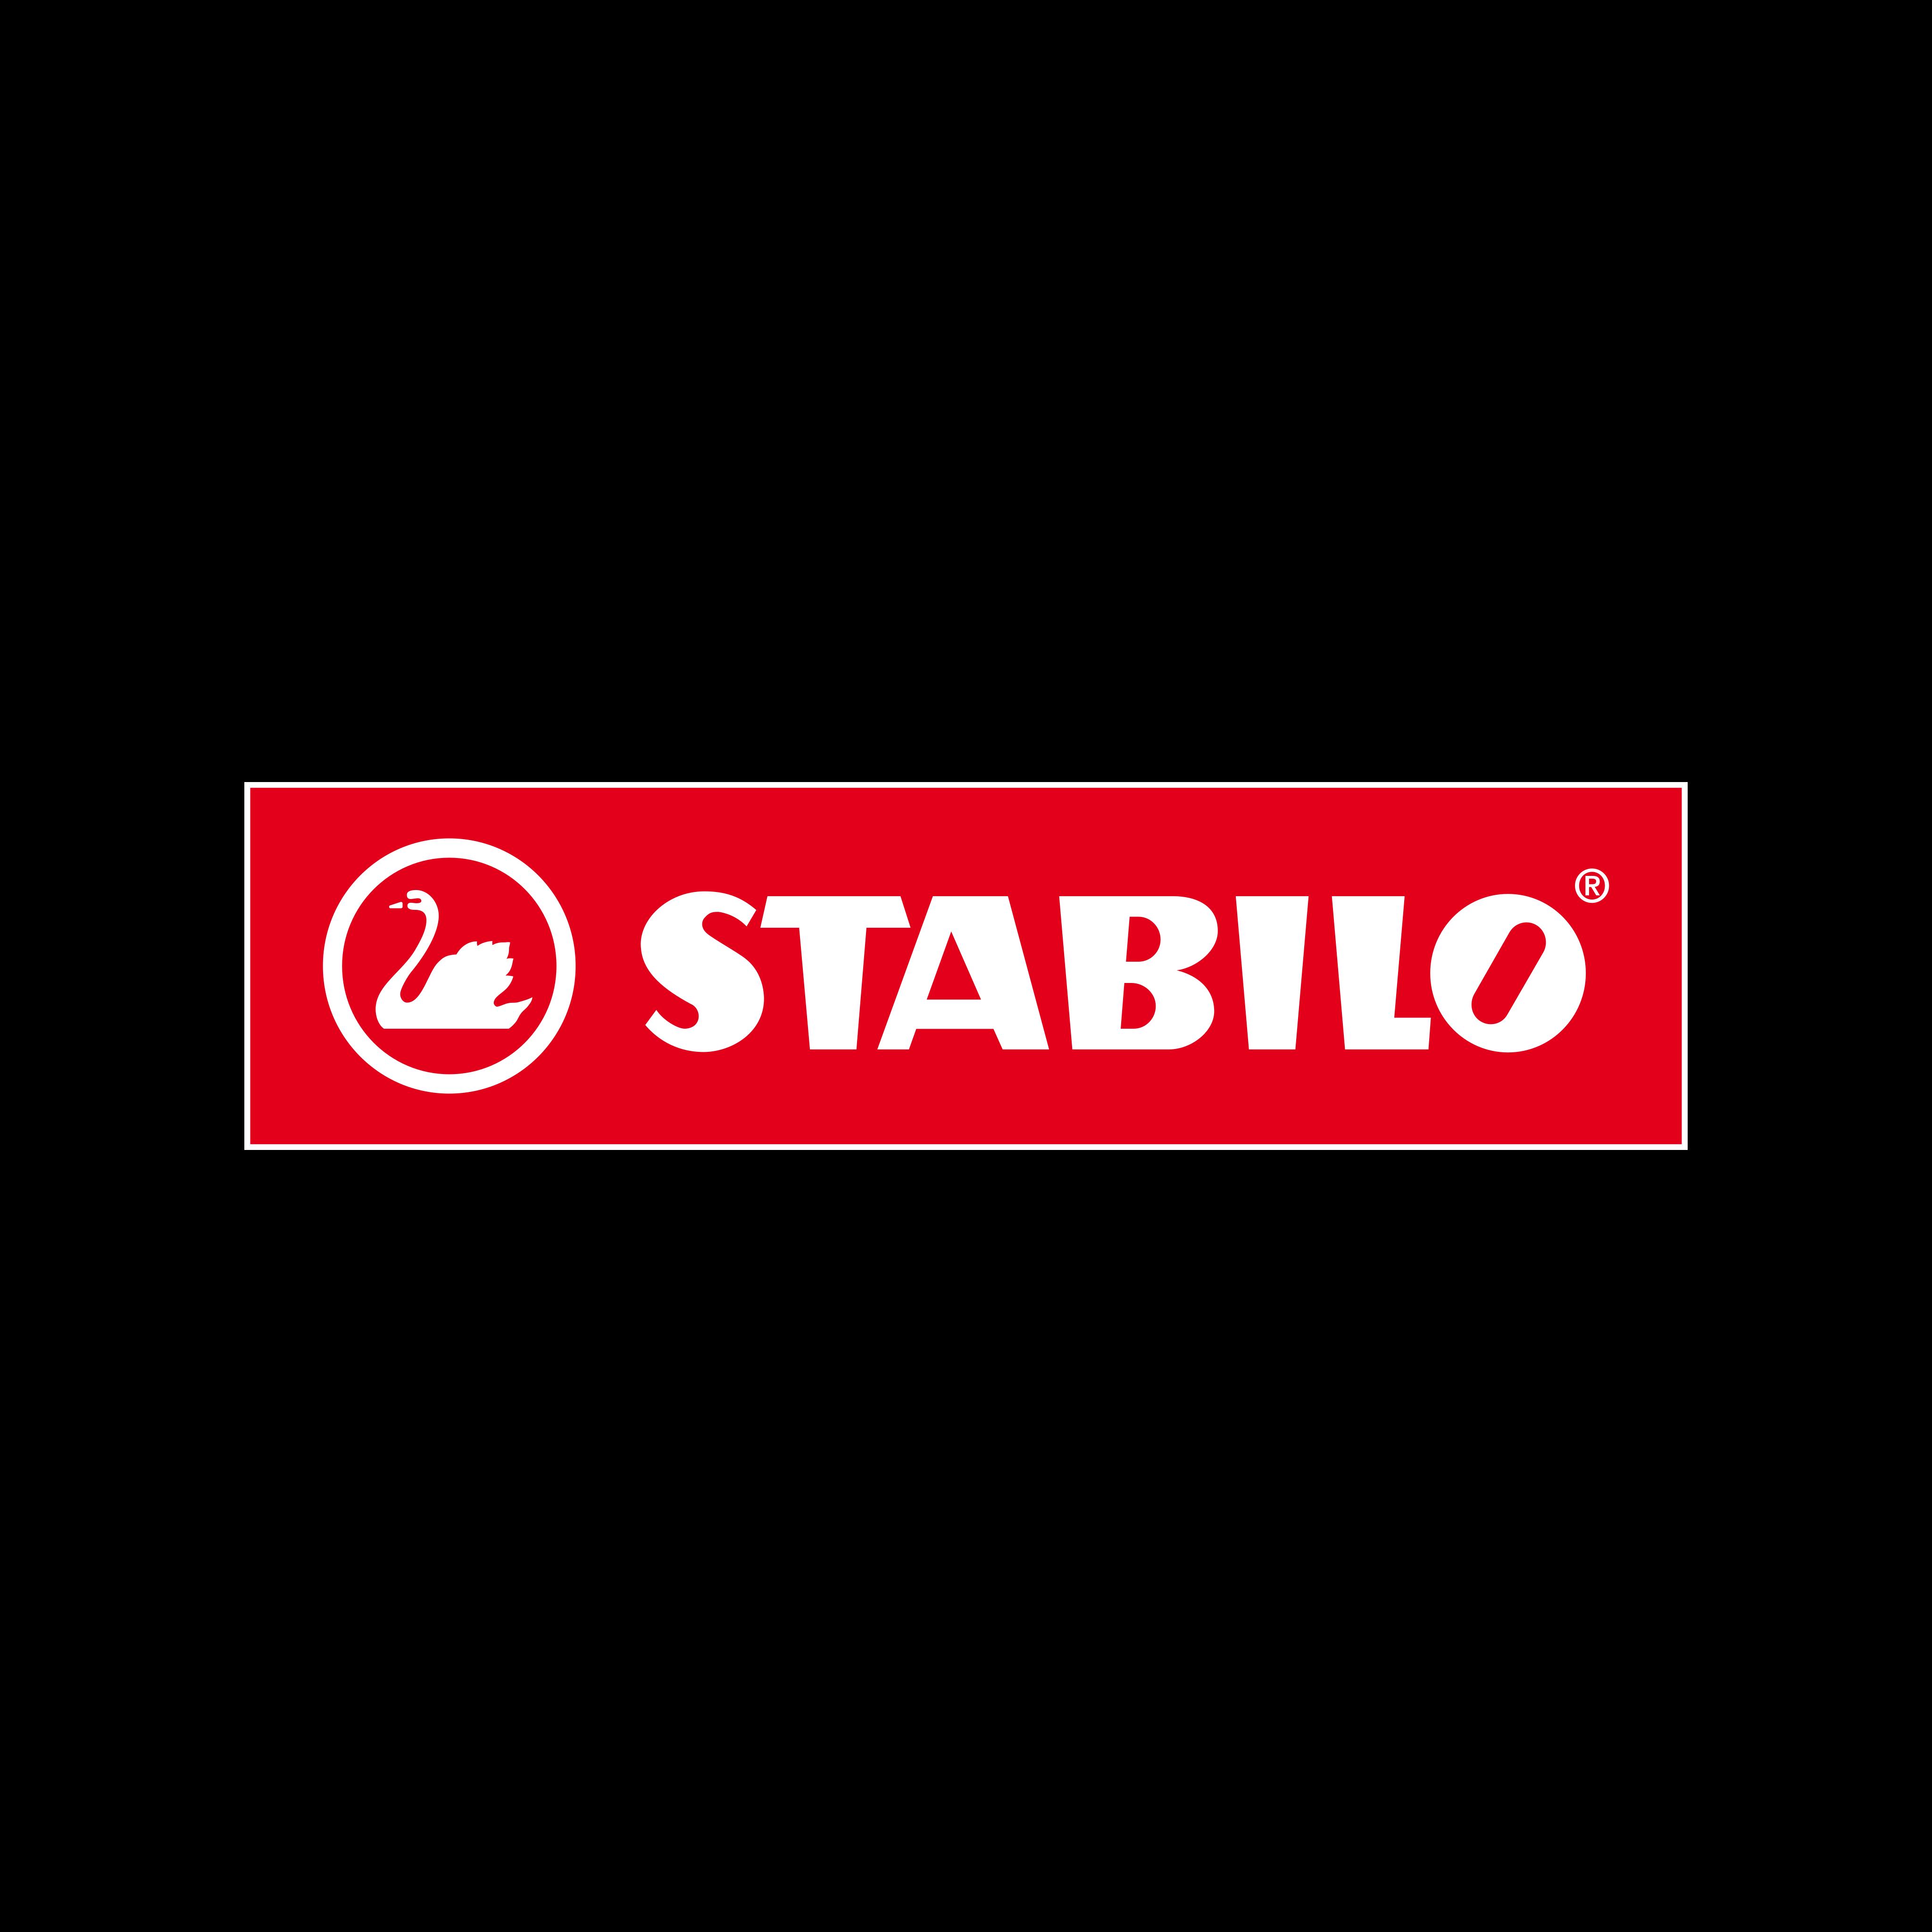 stabilo logo 0 - Stabilo Logo